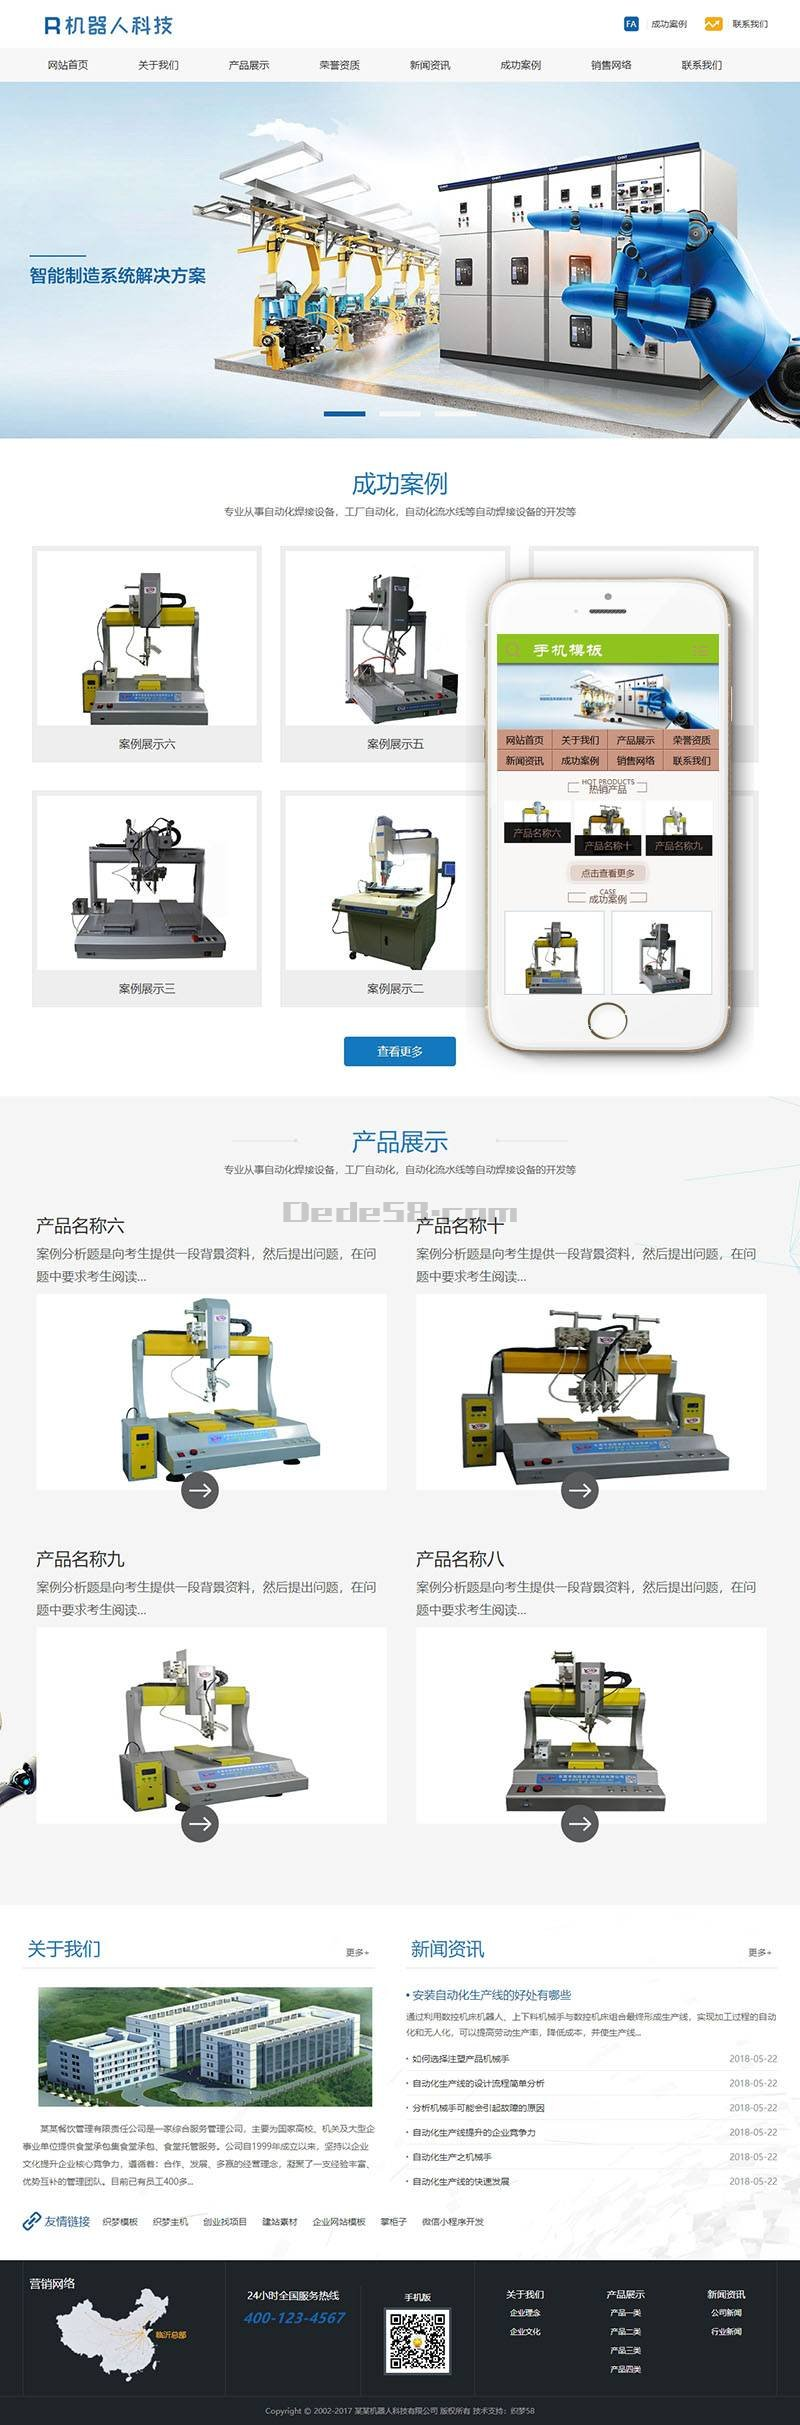 长沙头头信誉优化公司开发的自动化机器人科技头头信誉首页